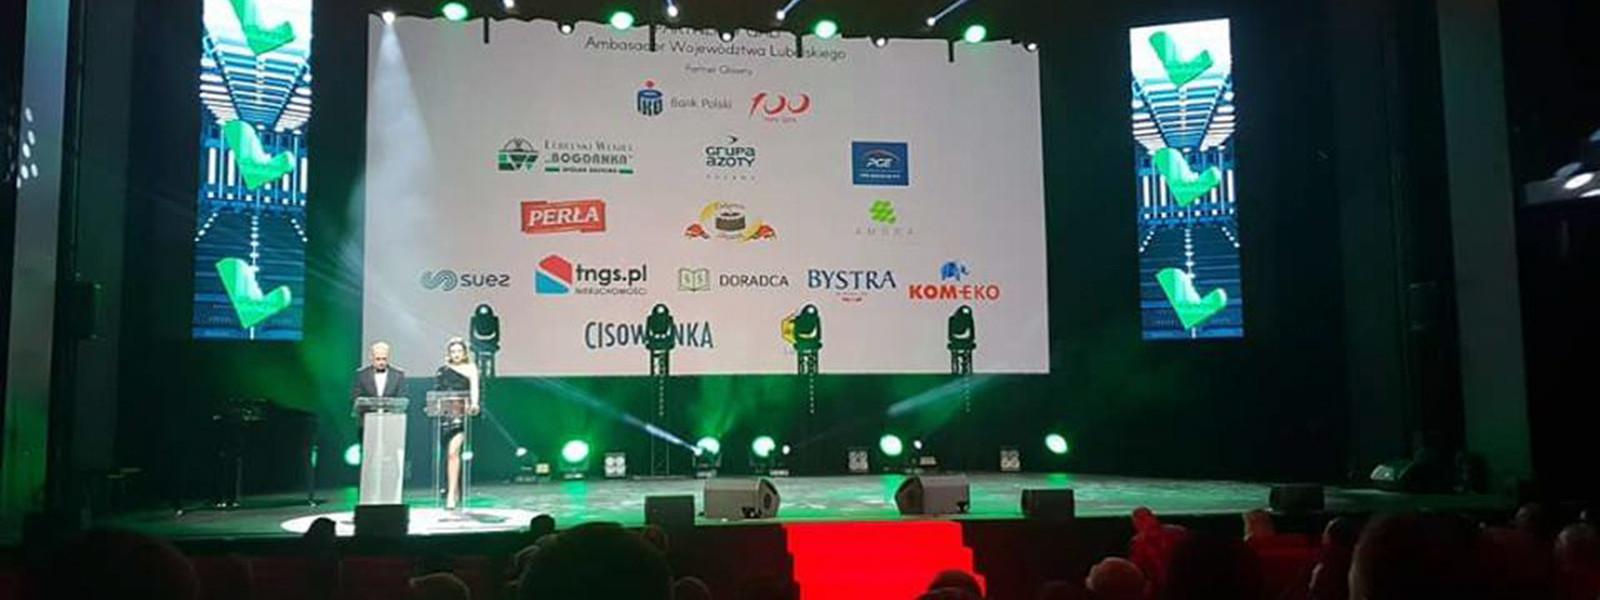 XX Gala Ambasador Województwa Lubelskiego - TNGS Tomasz Karman - Biuro Obsługi Inwestora - Lublin